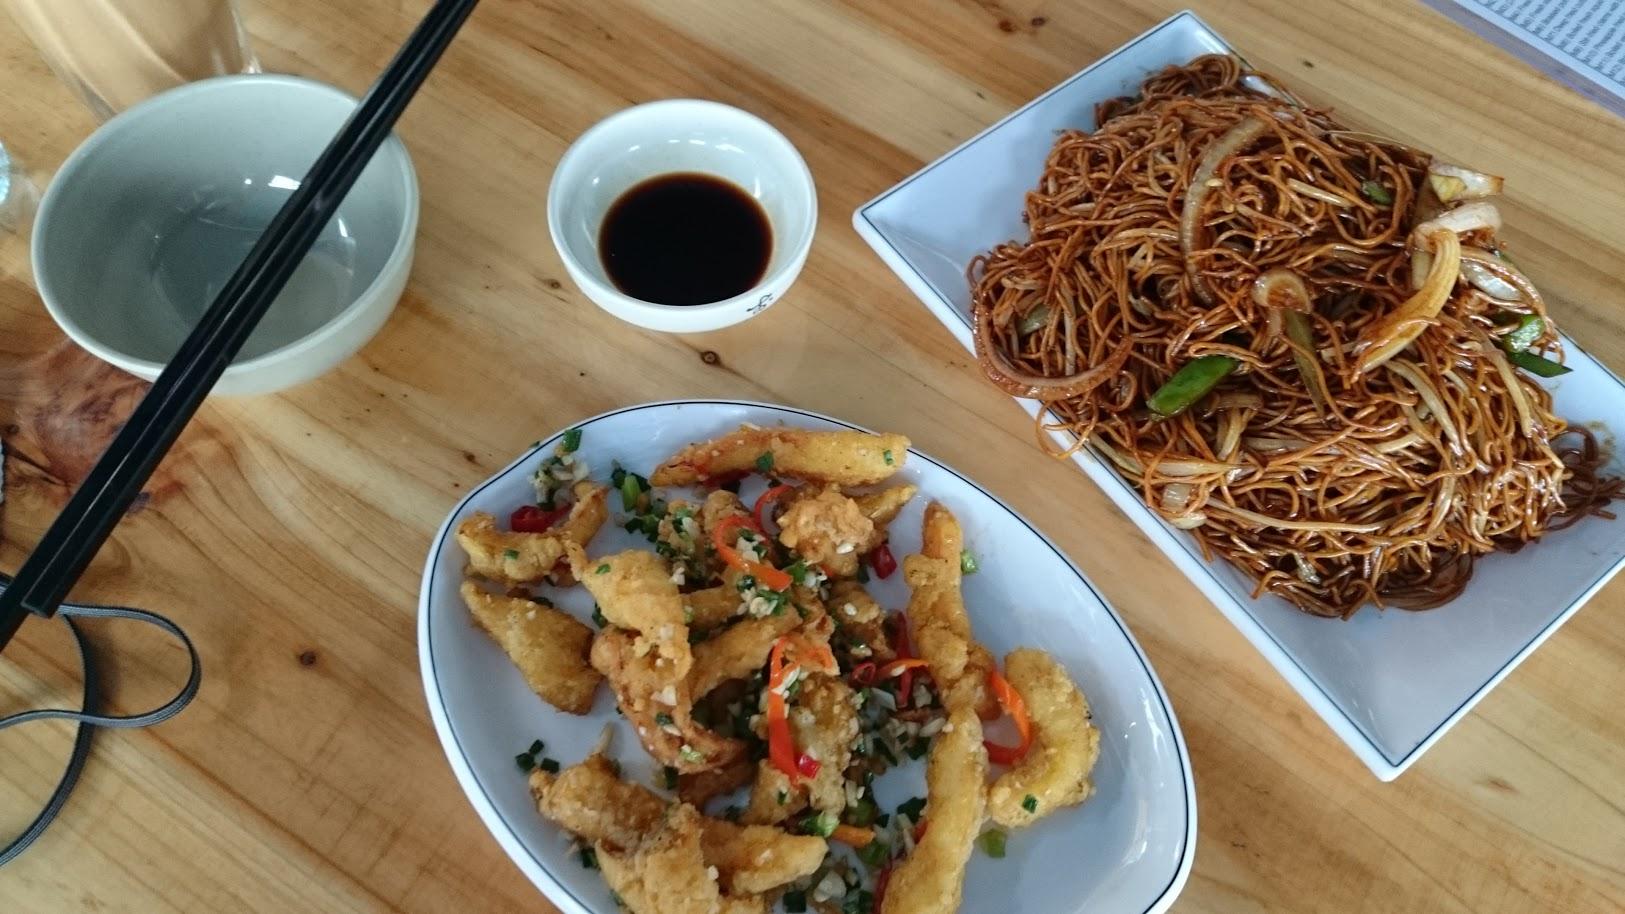 Seurasin ruuantuoksua tähän muutaman muovipöydän ravintolaan ja sain parasta paistettua mustekalaa ikinä!